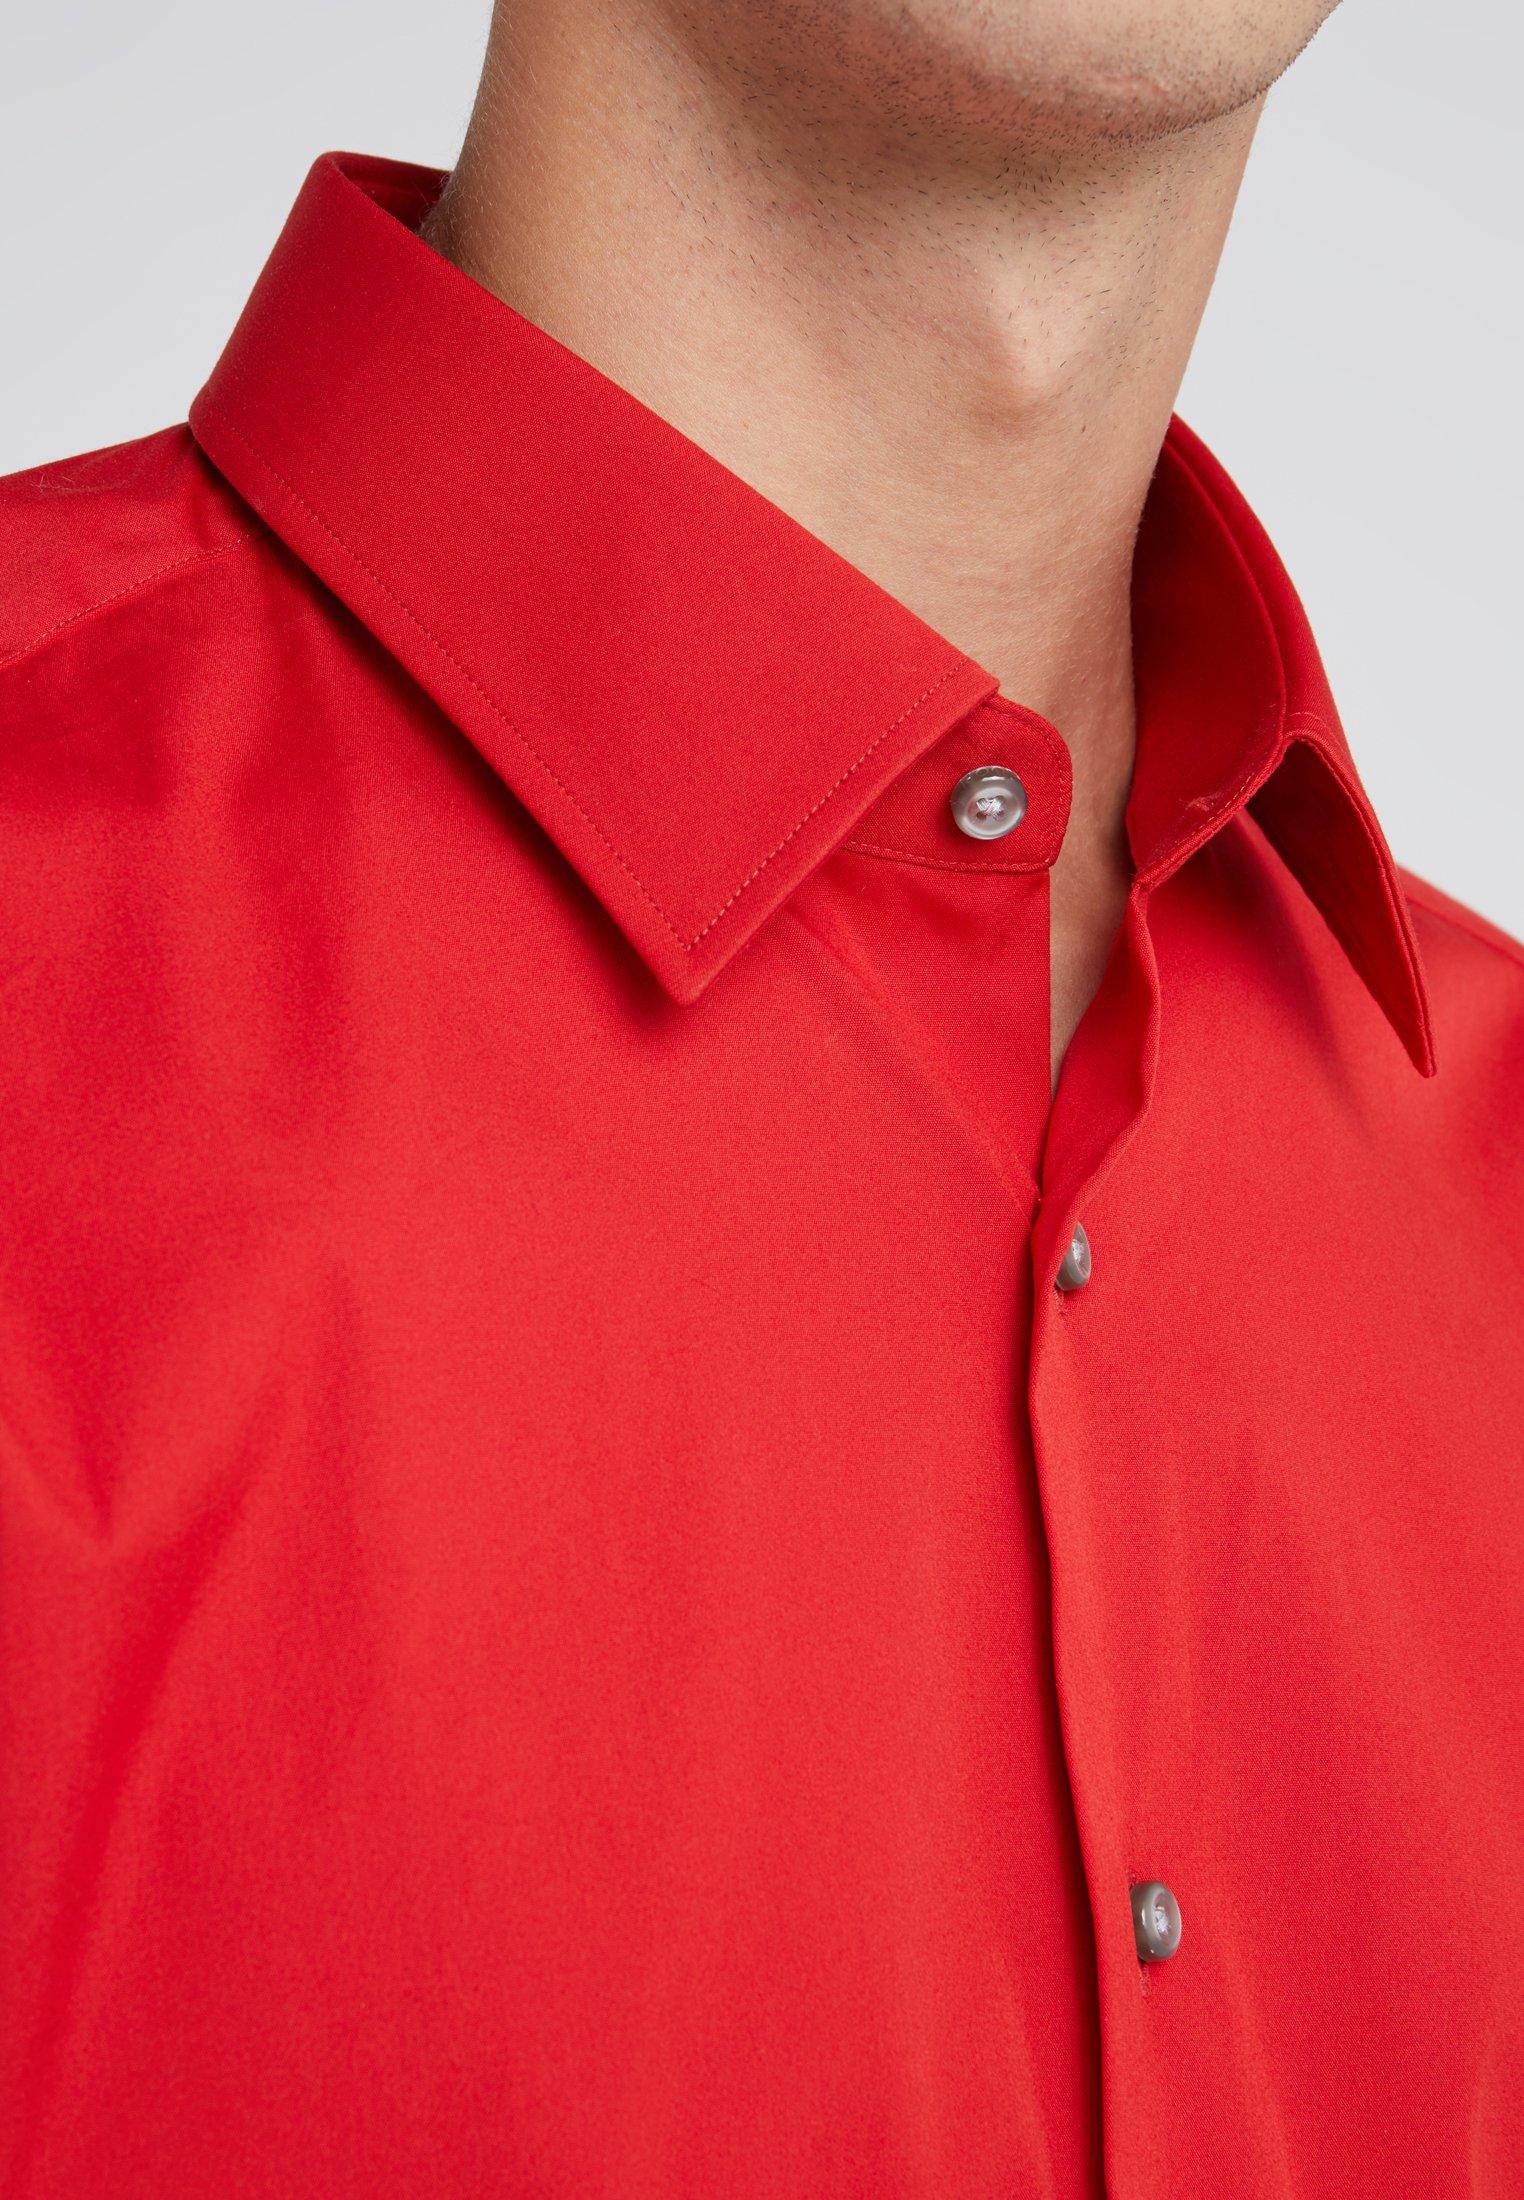 Joop! Pierce Slim Fit - Finskjorte Bright Red